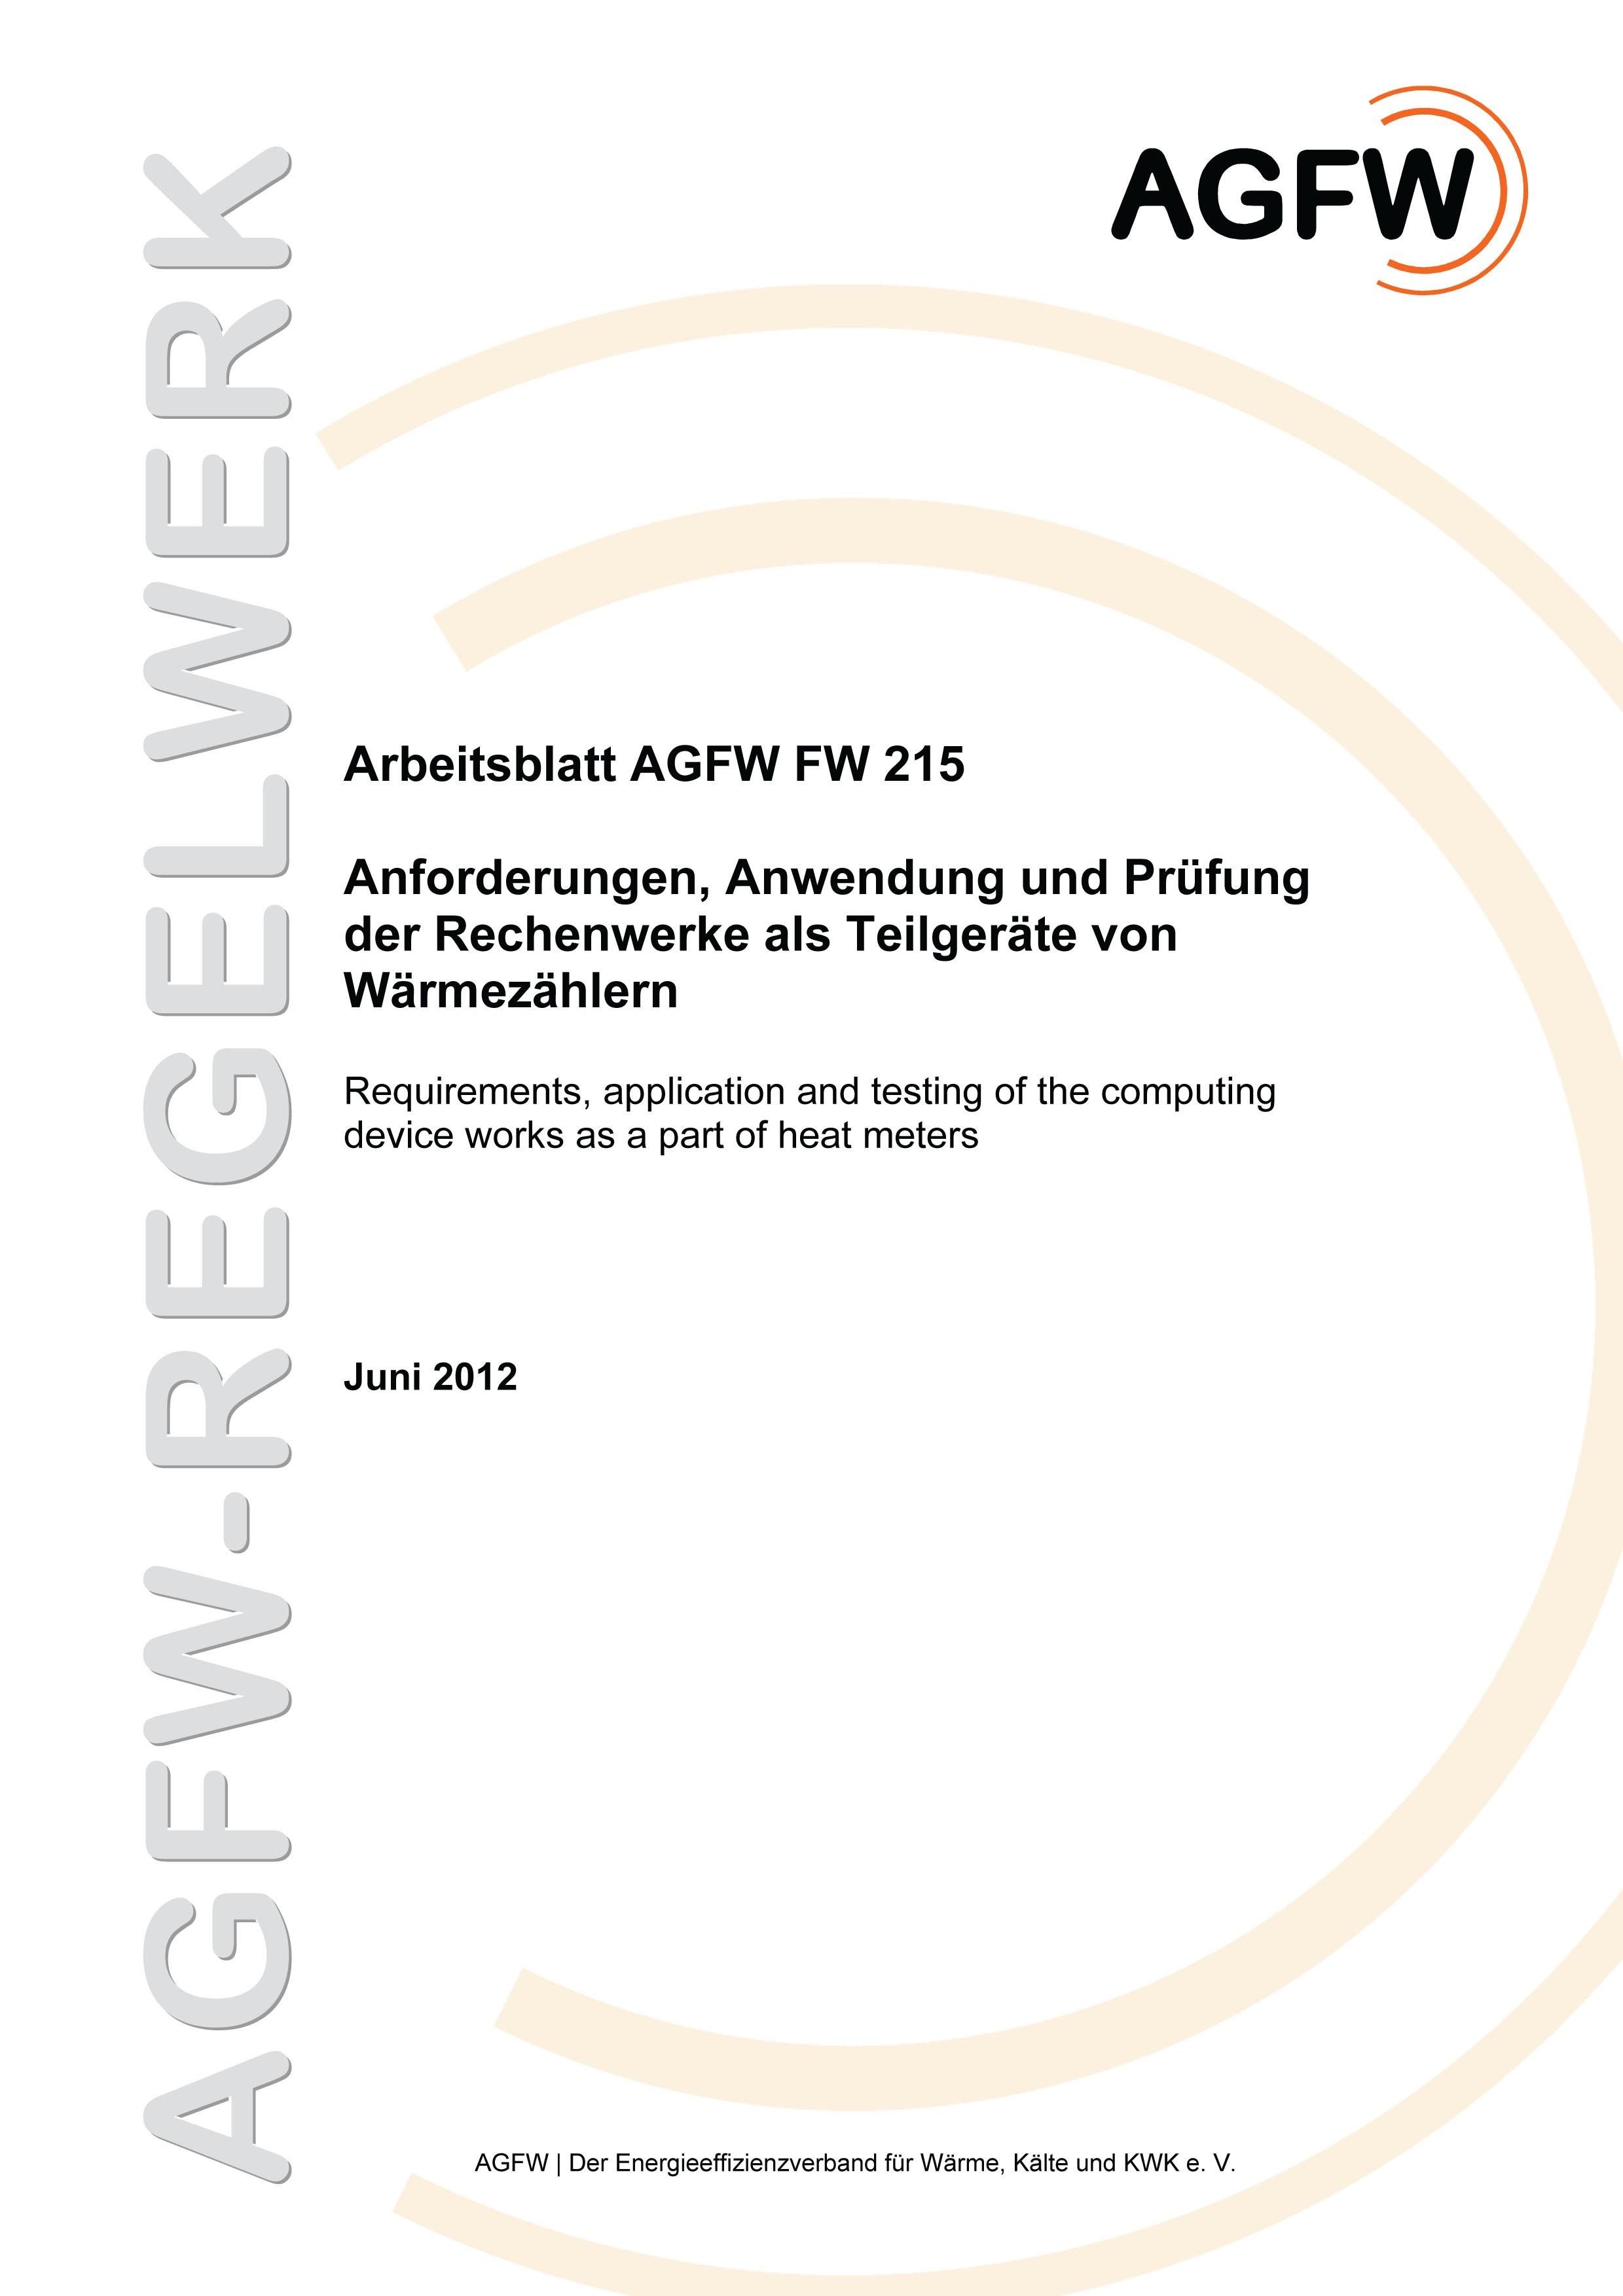 FW 215 - Anforderungen, Anwendung und Prüfung der Rechenwerke als ...